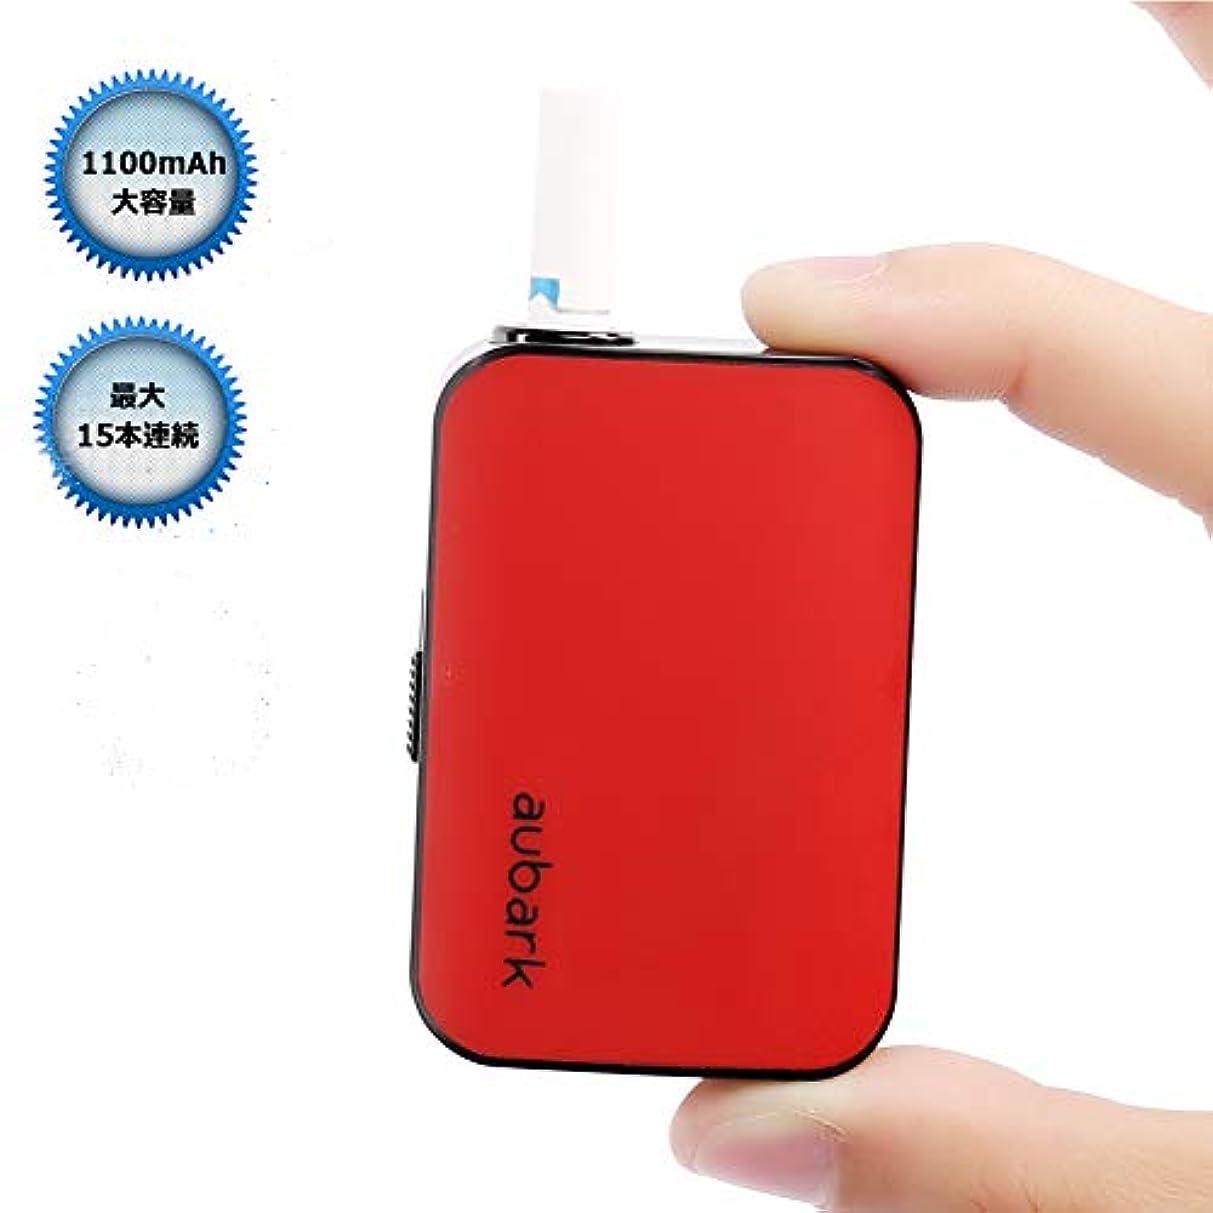 望み鼻進捗Aubark 電子たばこ 互換品 加熱式 互換機 互換品 最大15本連続喫煙可能 大容量加熱式電子タバコ 恒温加熱 振動付 自動清掃 赤